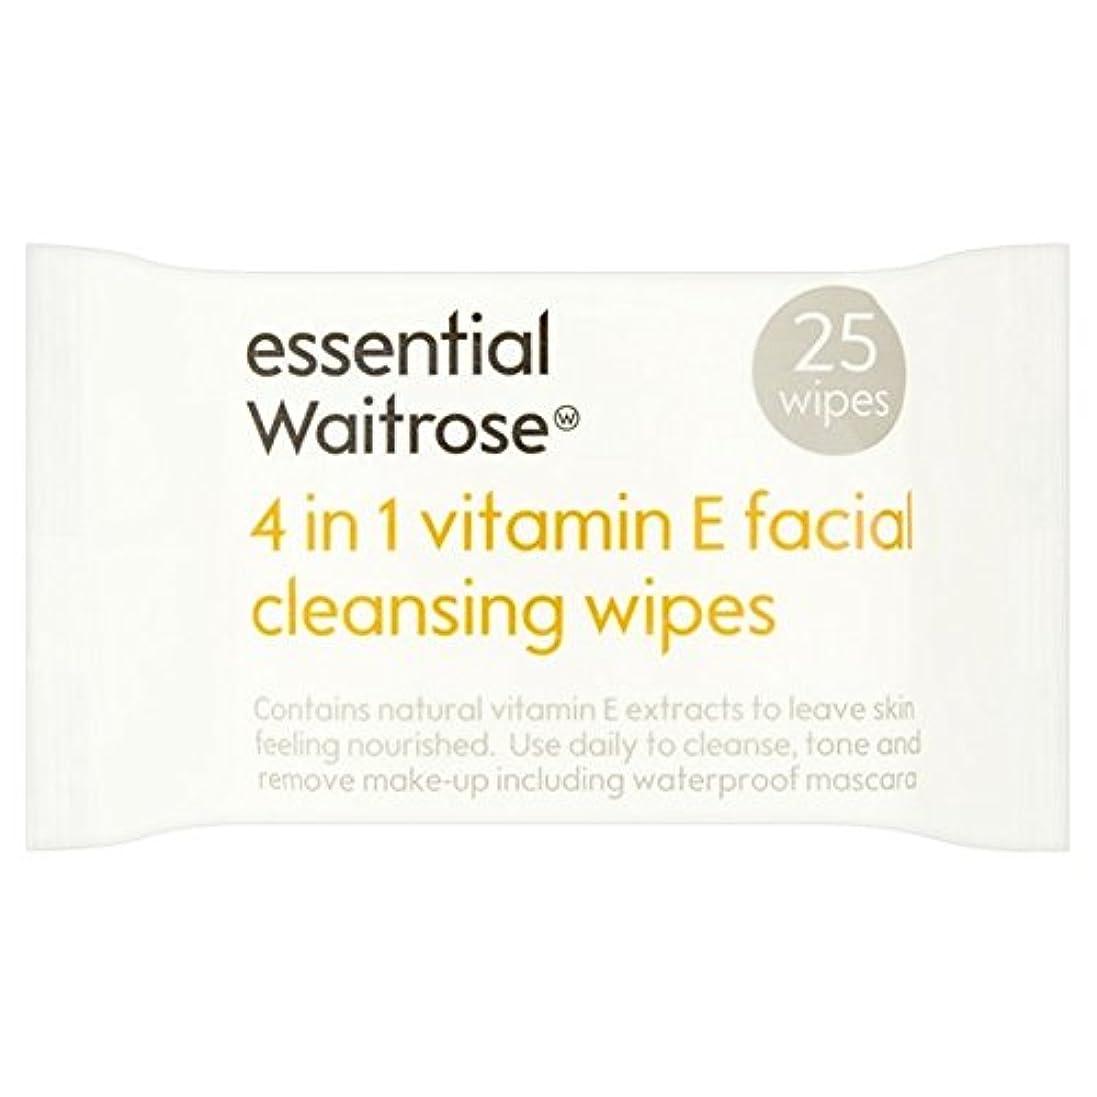 想像力豊かな追加する長いです1つのクレンジングで4不可欠パックあたりのビタミンウェイトローズ25ワイプ x2 - Essential 4 in 1 Cleansing Wipes Vitamin E Waitrose 25 per pack (Pack...